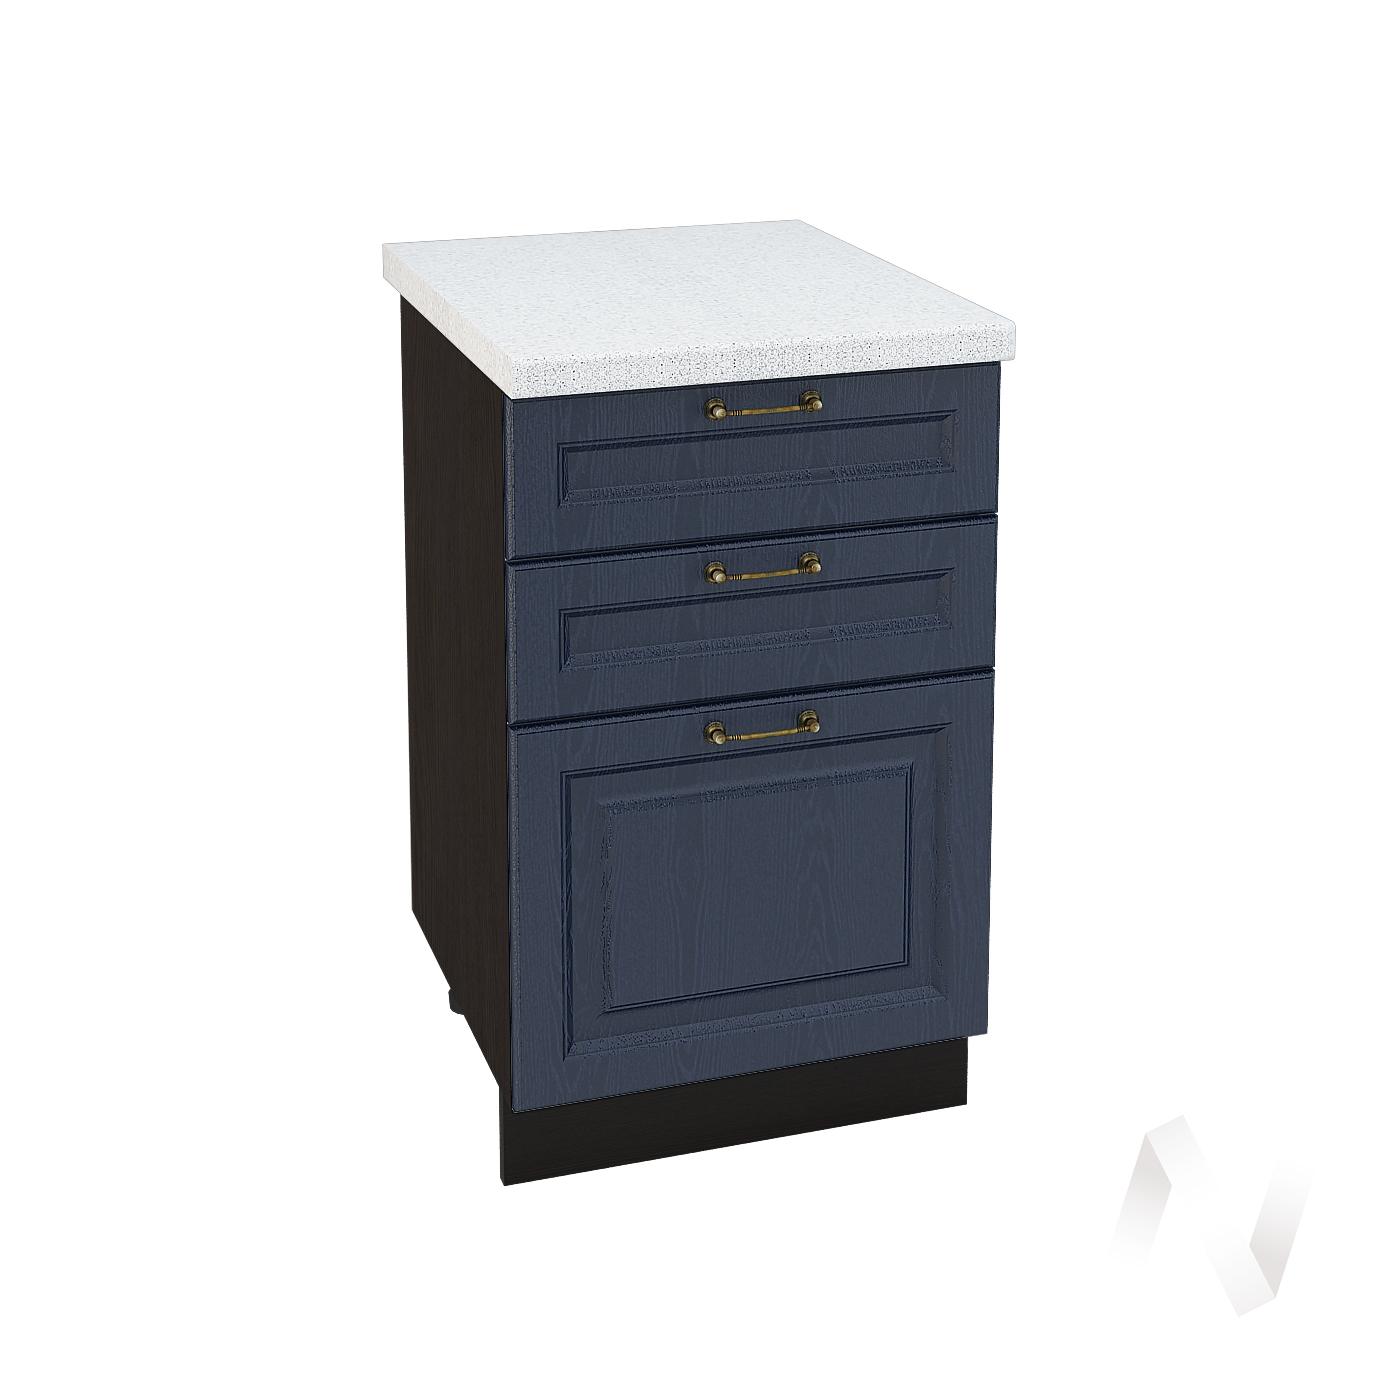 """Кухня """"Ницца"""": Шкаф нижний с 3-мя ящиками 500, ШН3Я 500 (Дуб чернильный/корпус венге)"""